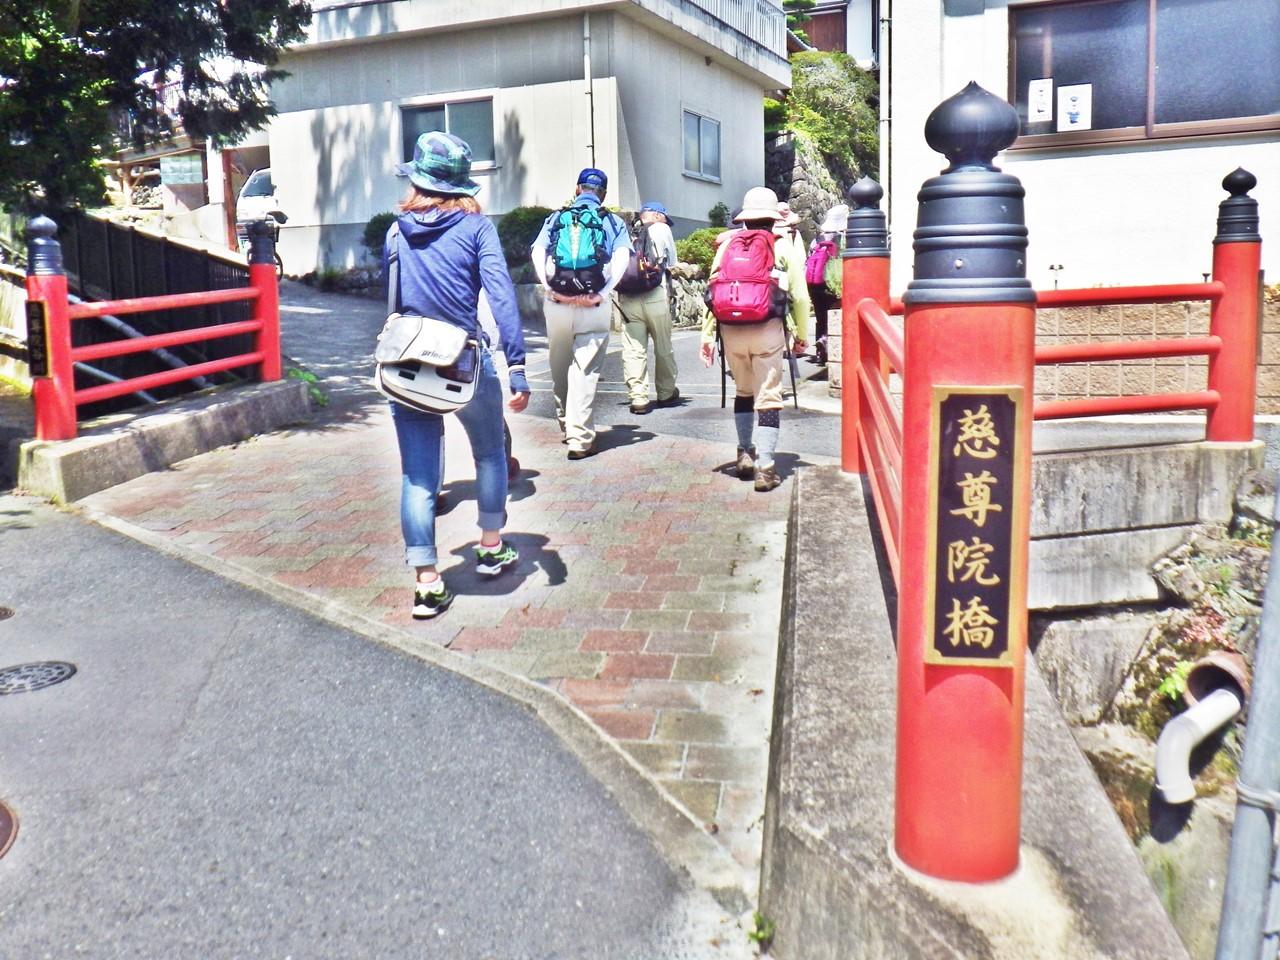 04b 朱塗りの慈尊院橋